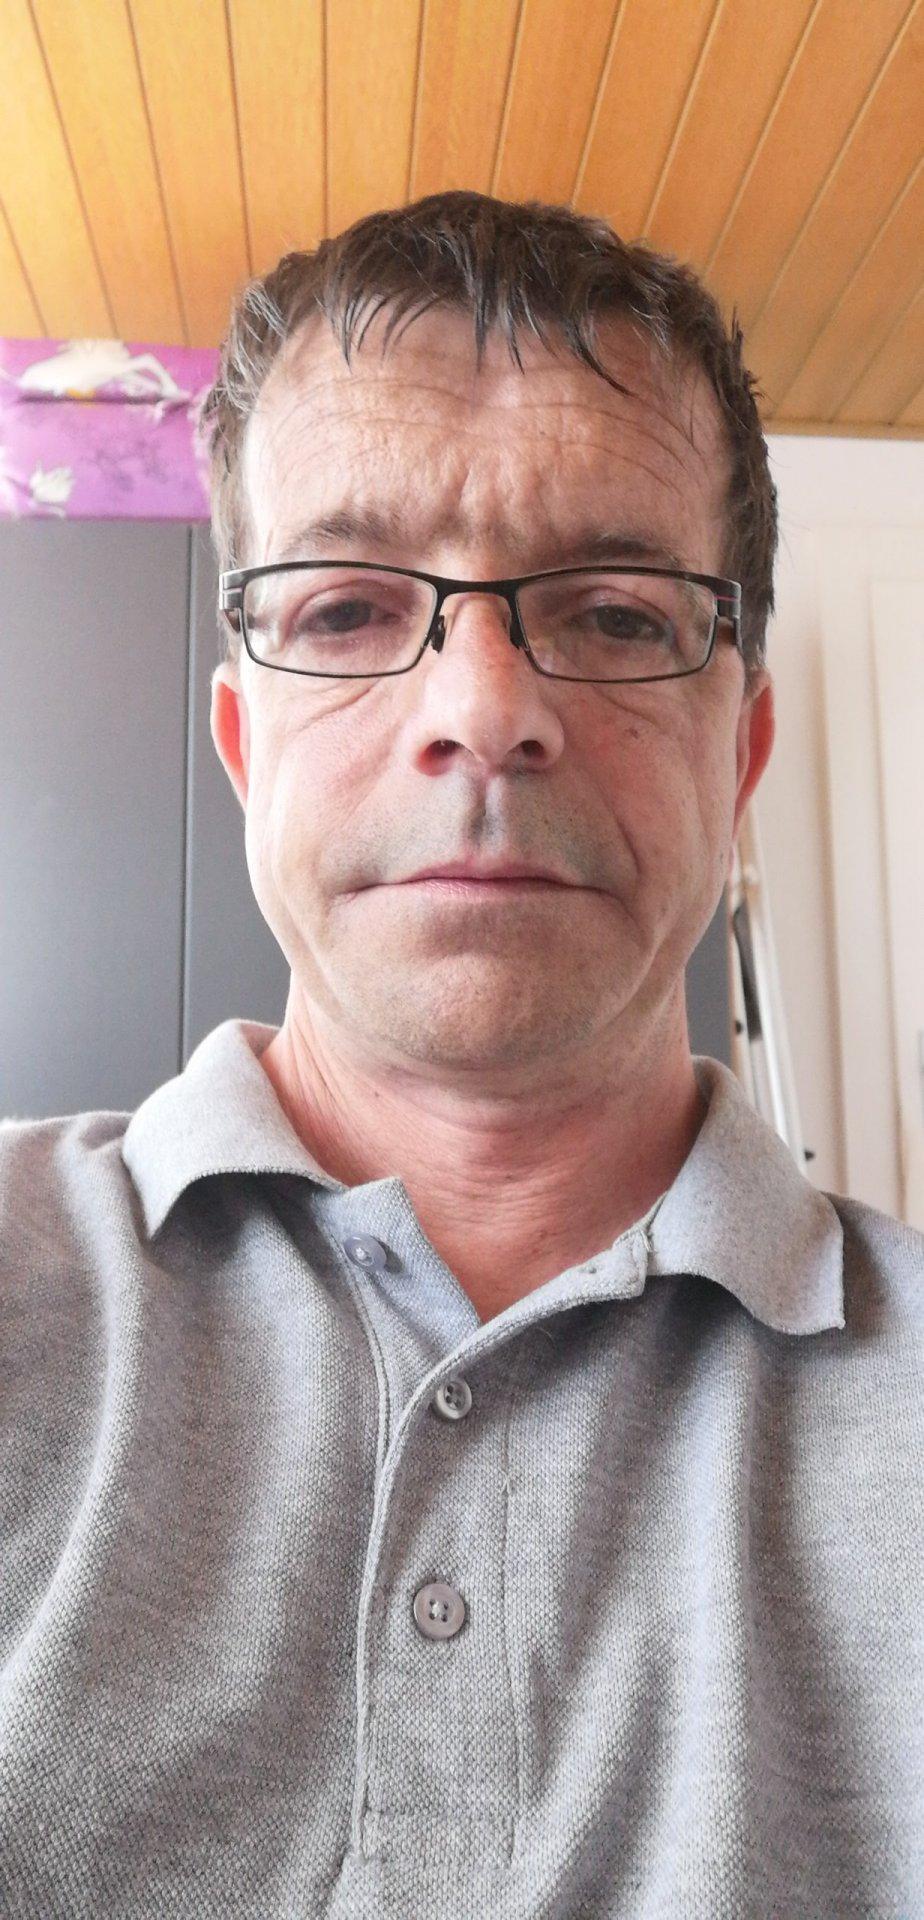 Silvio18  aus Sachsen,Deutschland